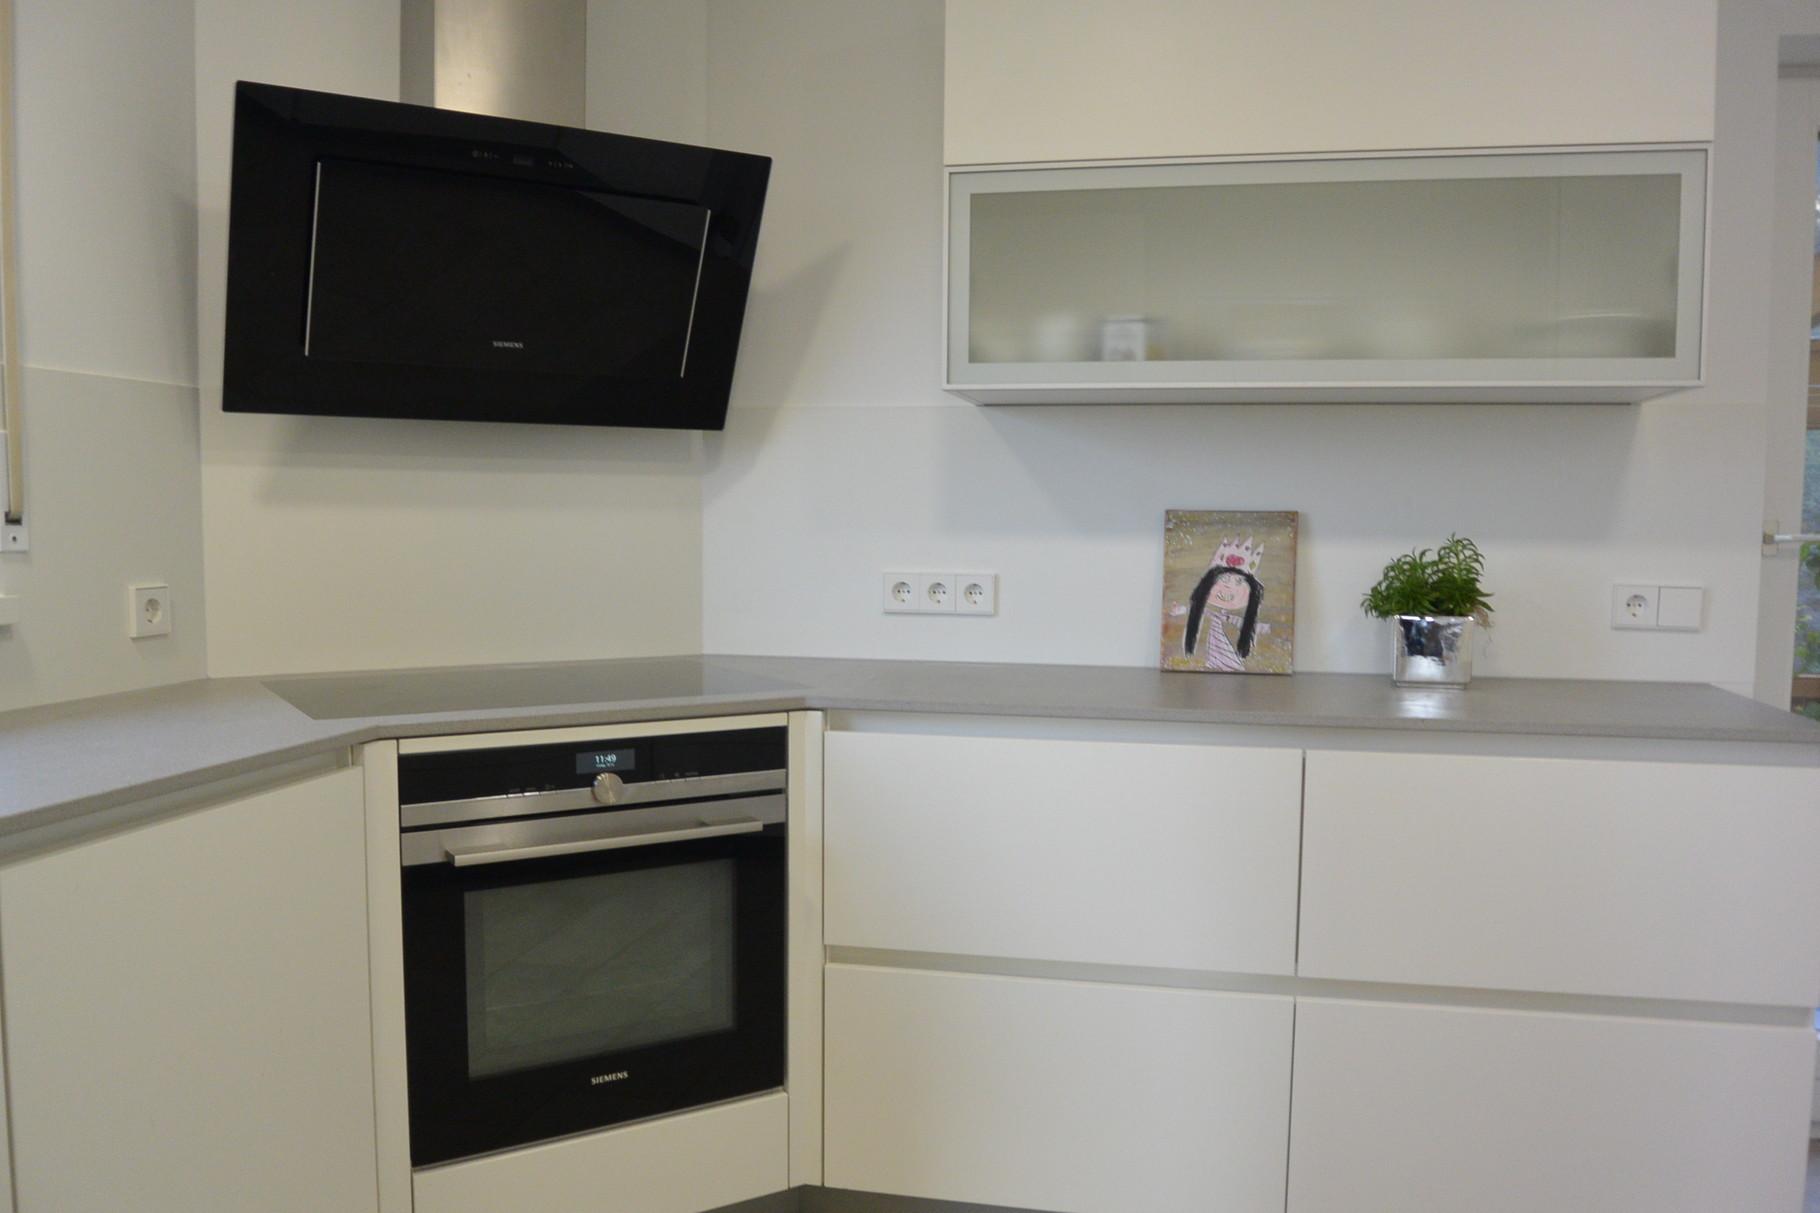 Einbauküche vom Schreiner in weiß matt, Dekton Sirocco Arbeitsplatte, Griffleisten in weiß